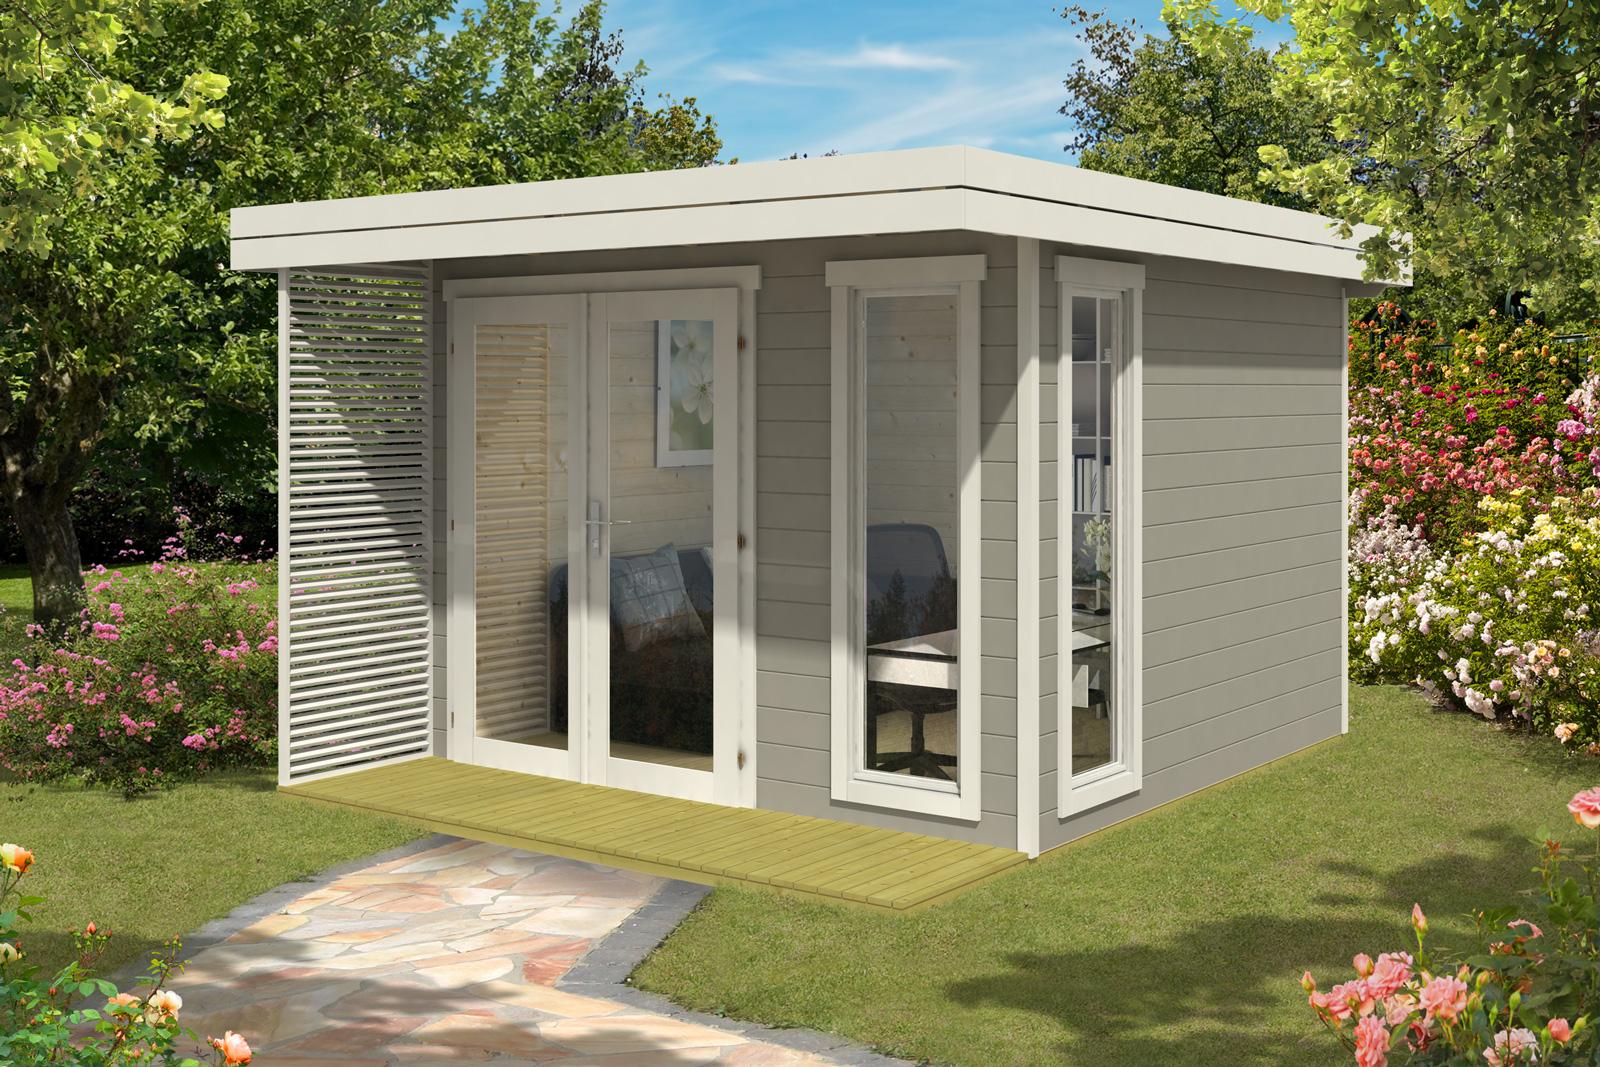 gartenhaus aldo 28 d gartenhaus aldo 28 d. Black Bedroom Furniture Sets. Home Design Ideas